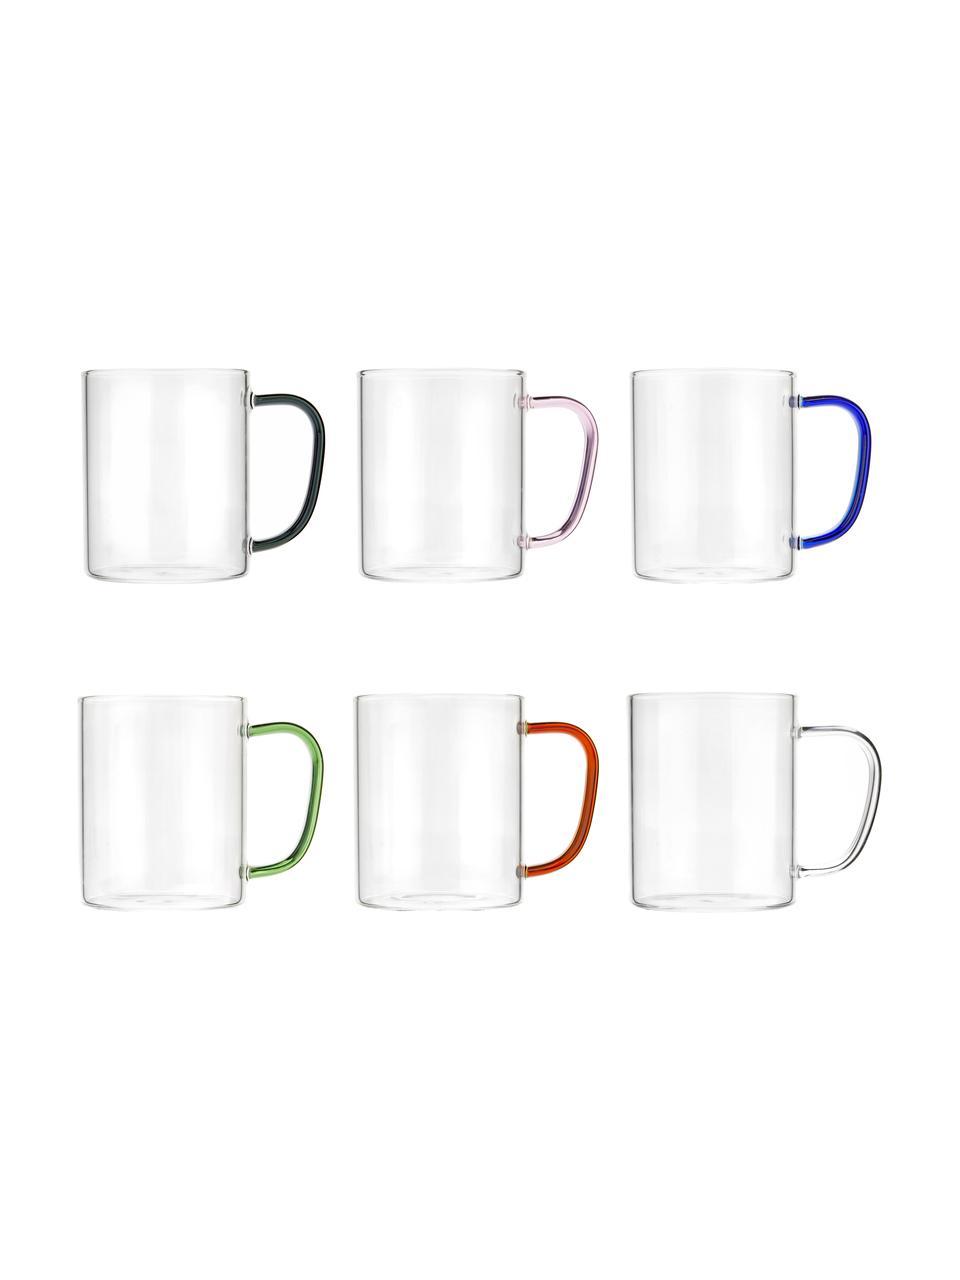 Tasse en verre avec poignées colorées, 6élém., Multicolore